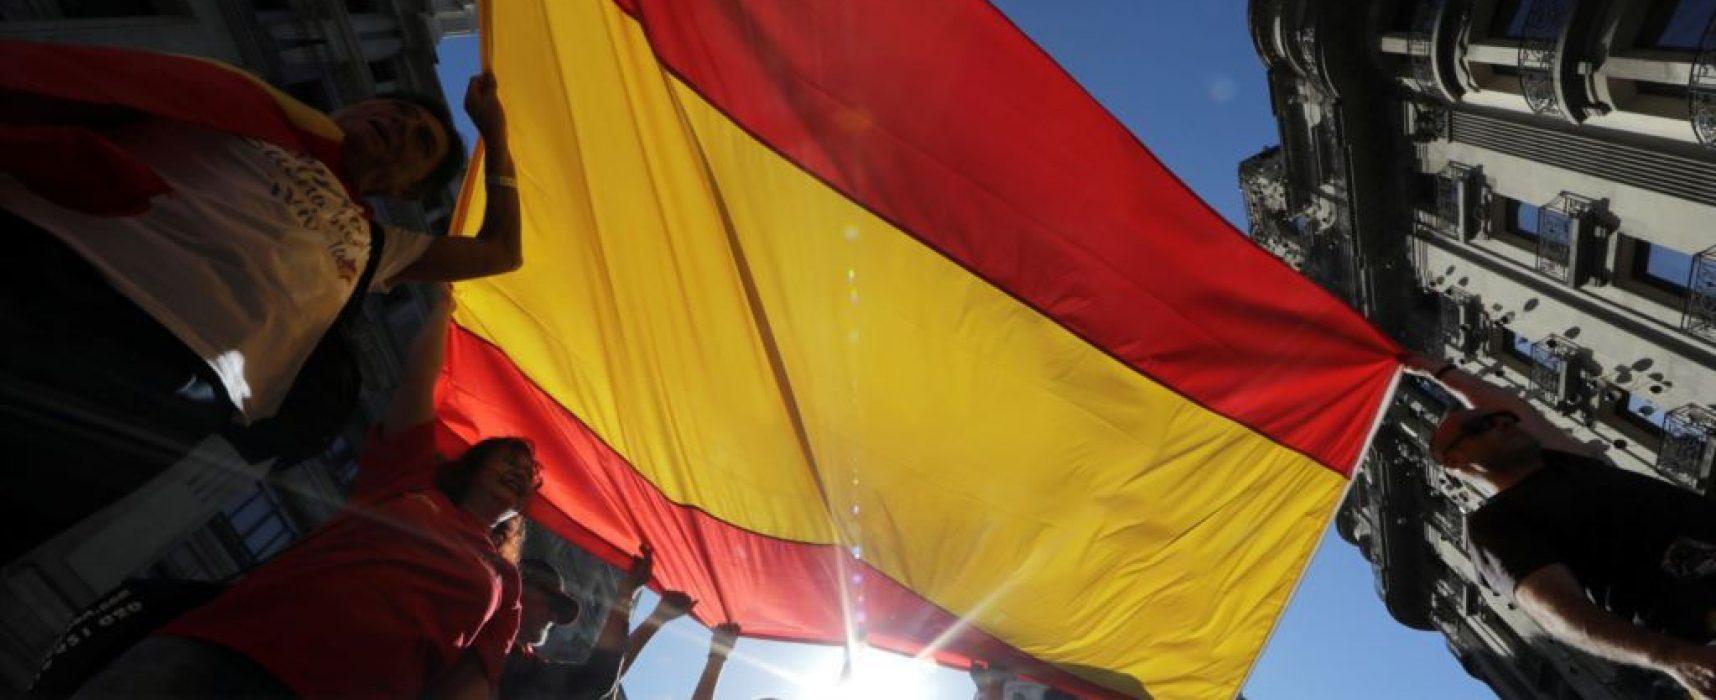 Falacias sobre Ucrania, ¿cómo funciona la propaganda antiucraniana en España?